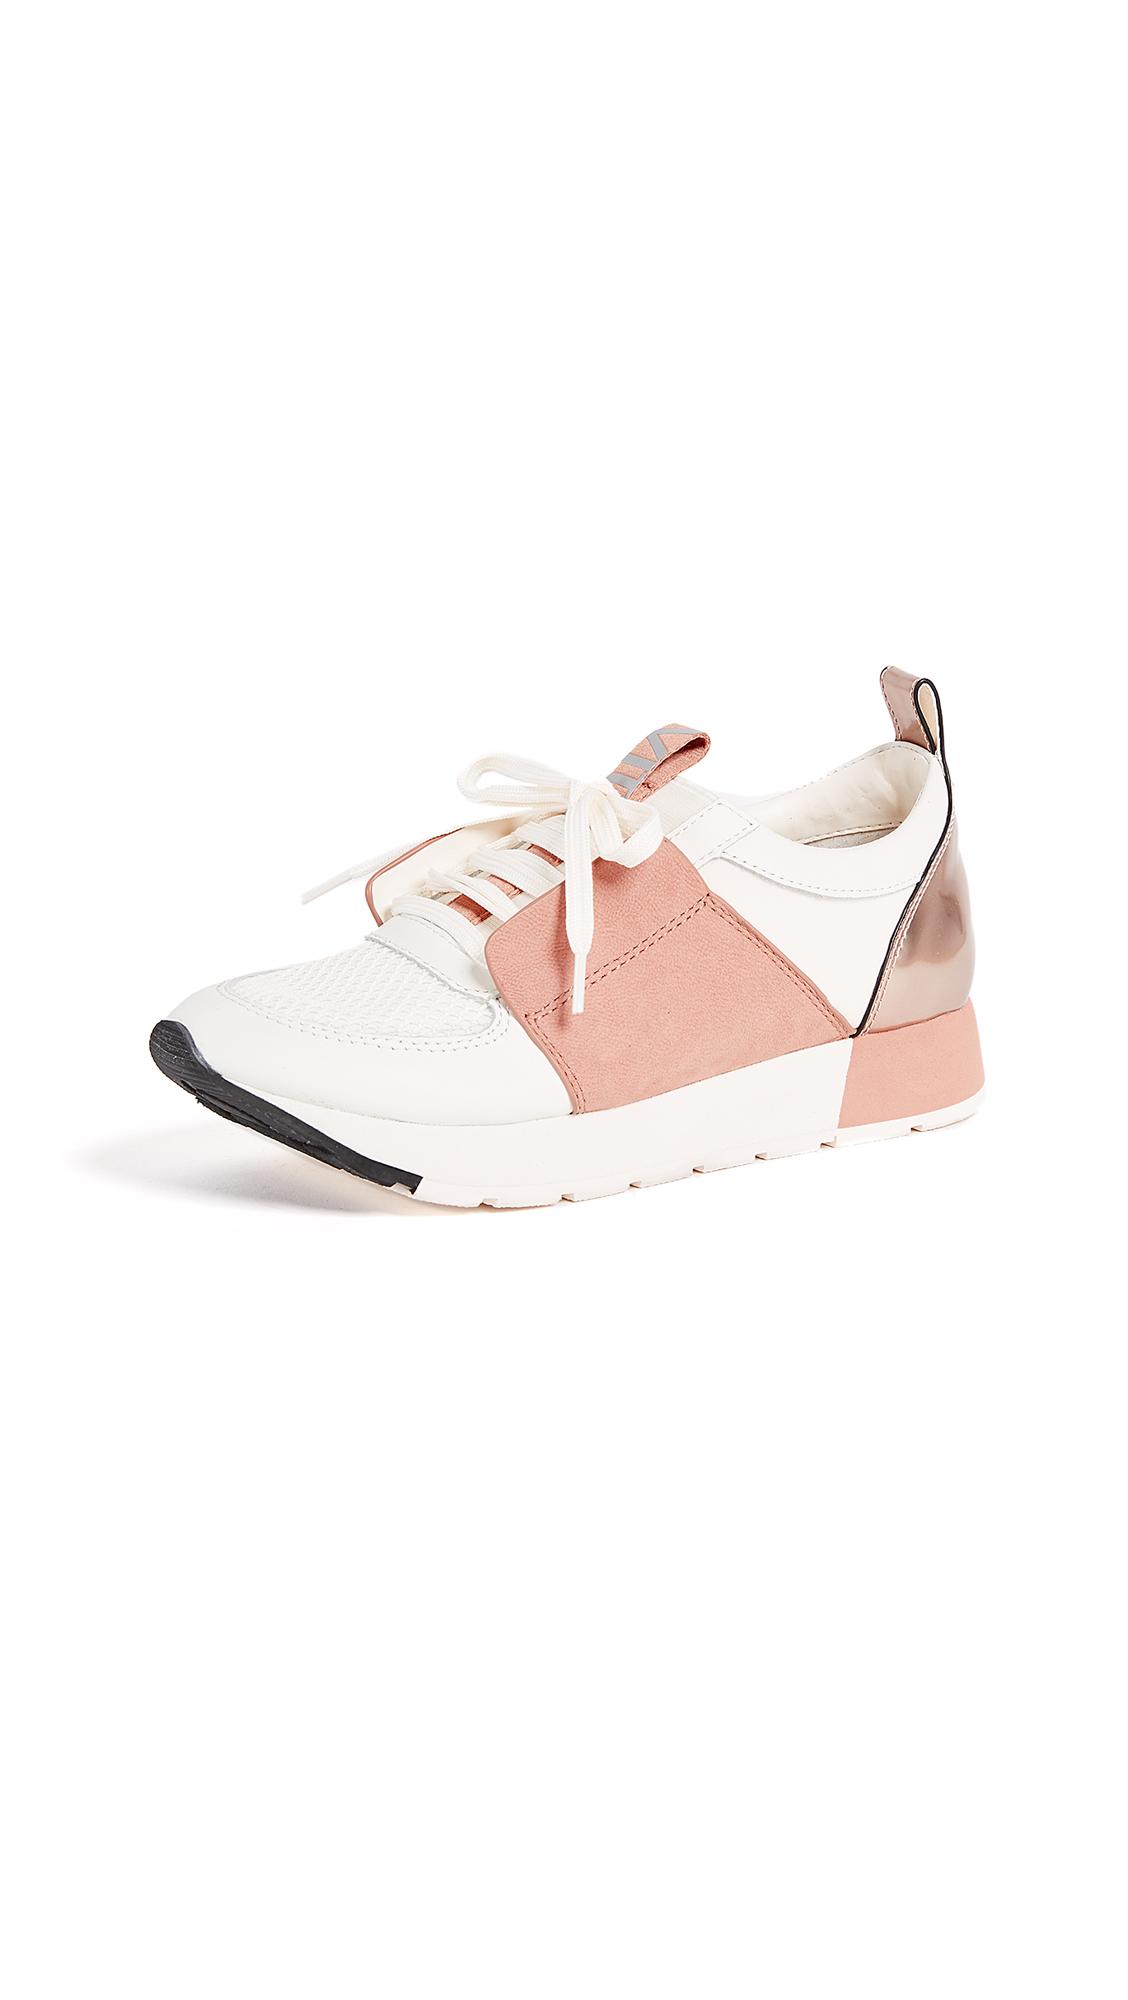 Dolce Vita Yana Colorblock Sneakers - White/Nude